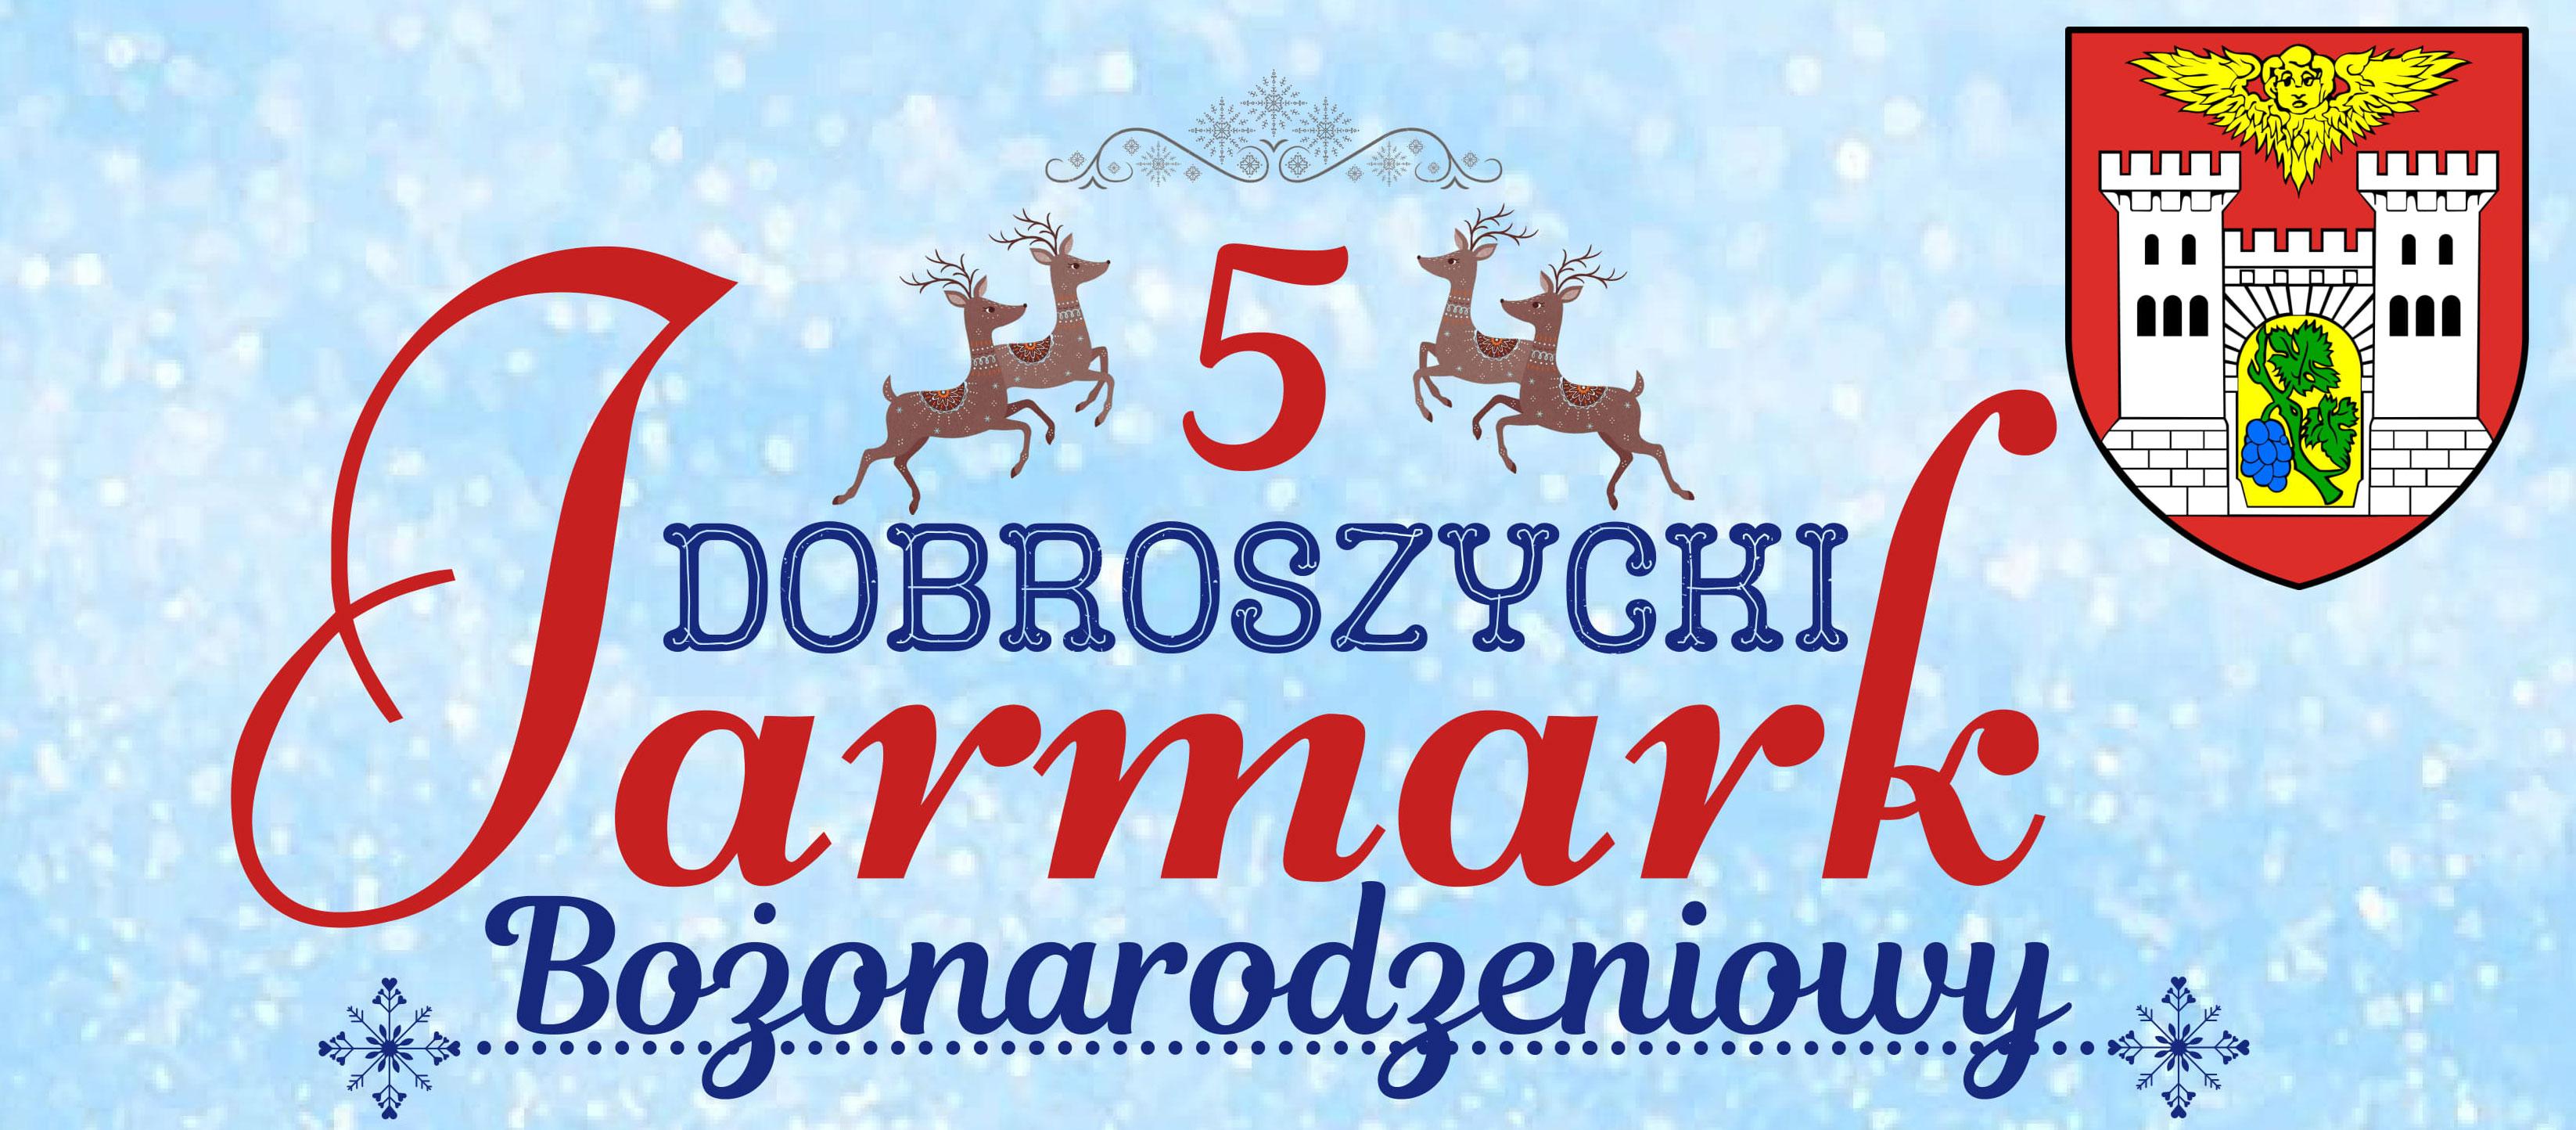 Jarmark Bożonarodzeniowy w Dobroszycach